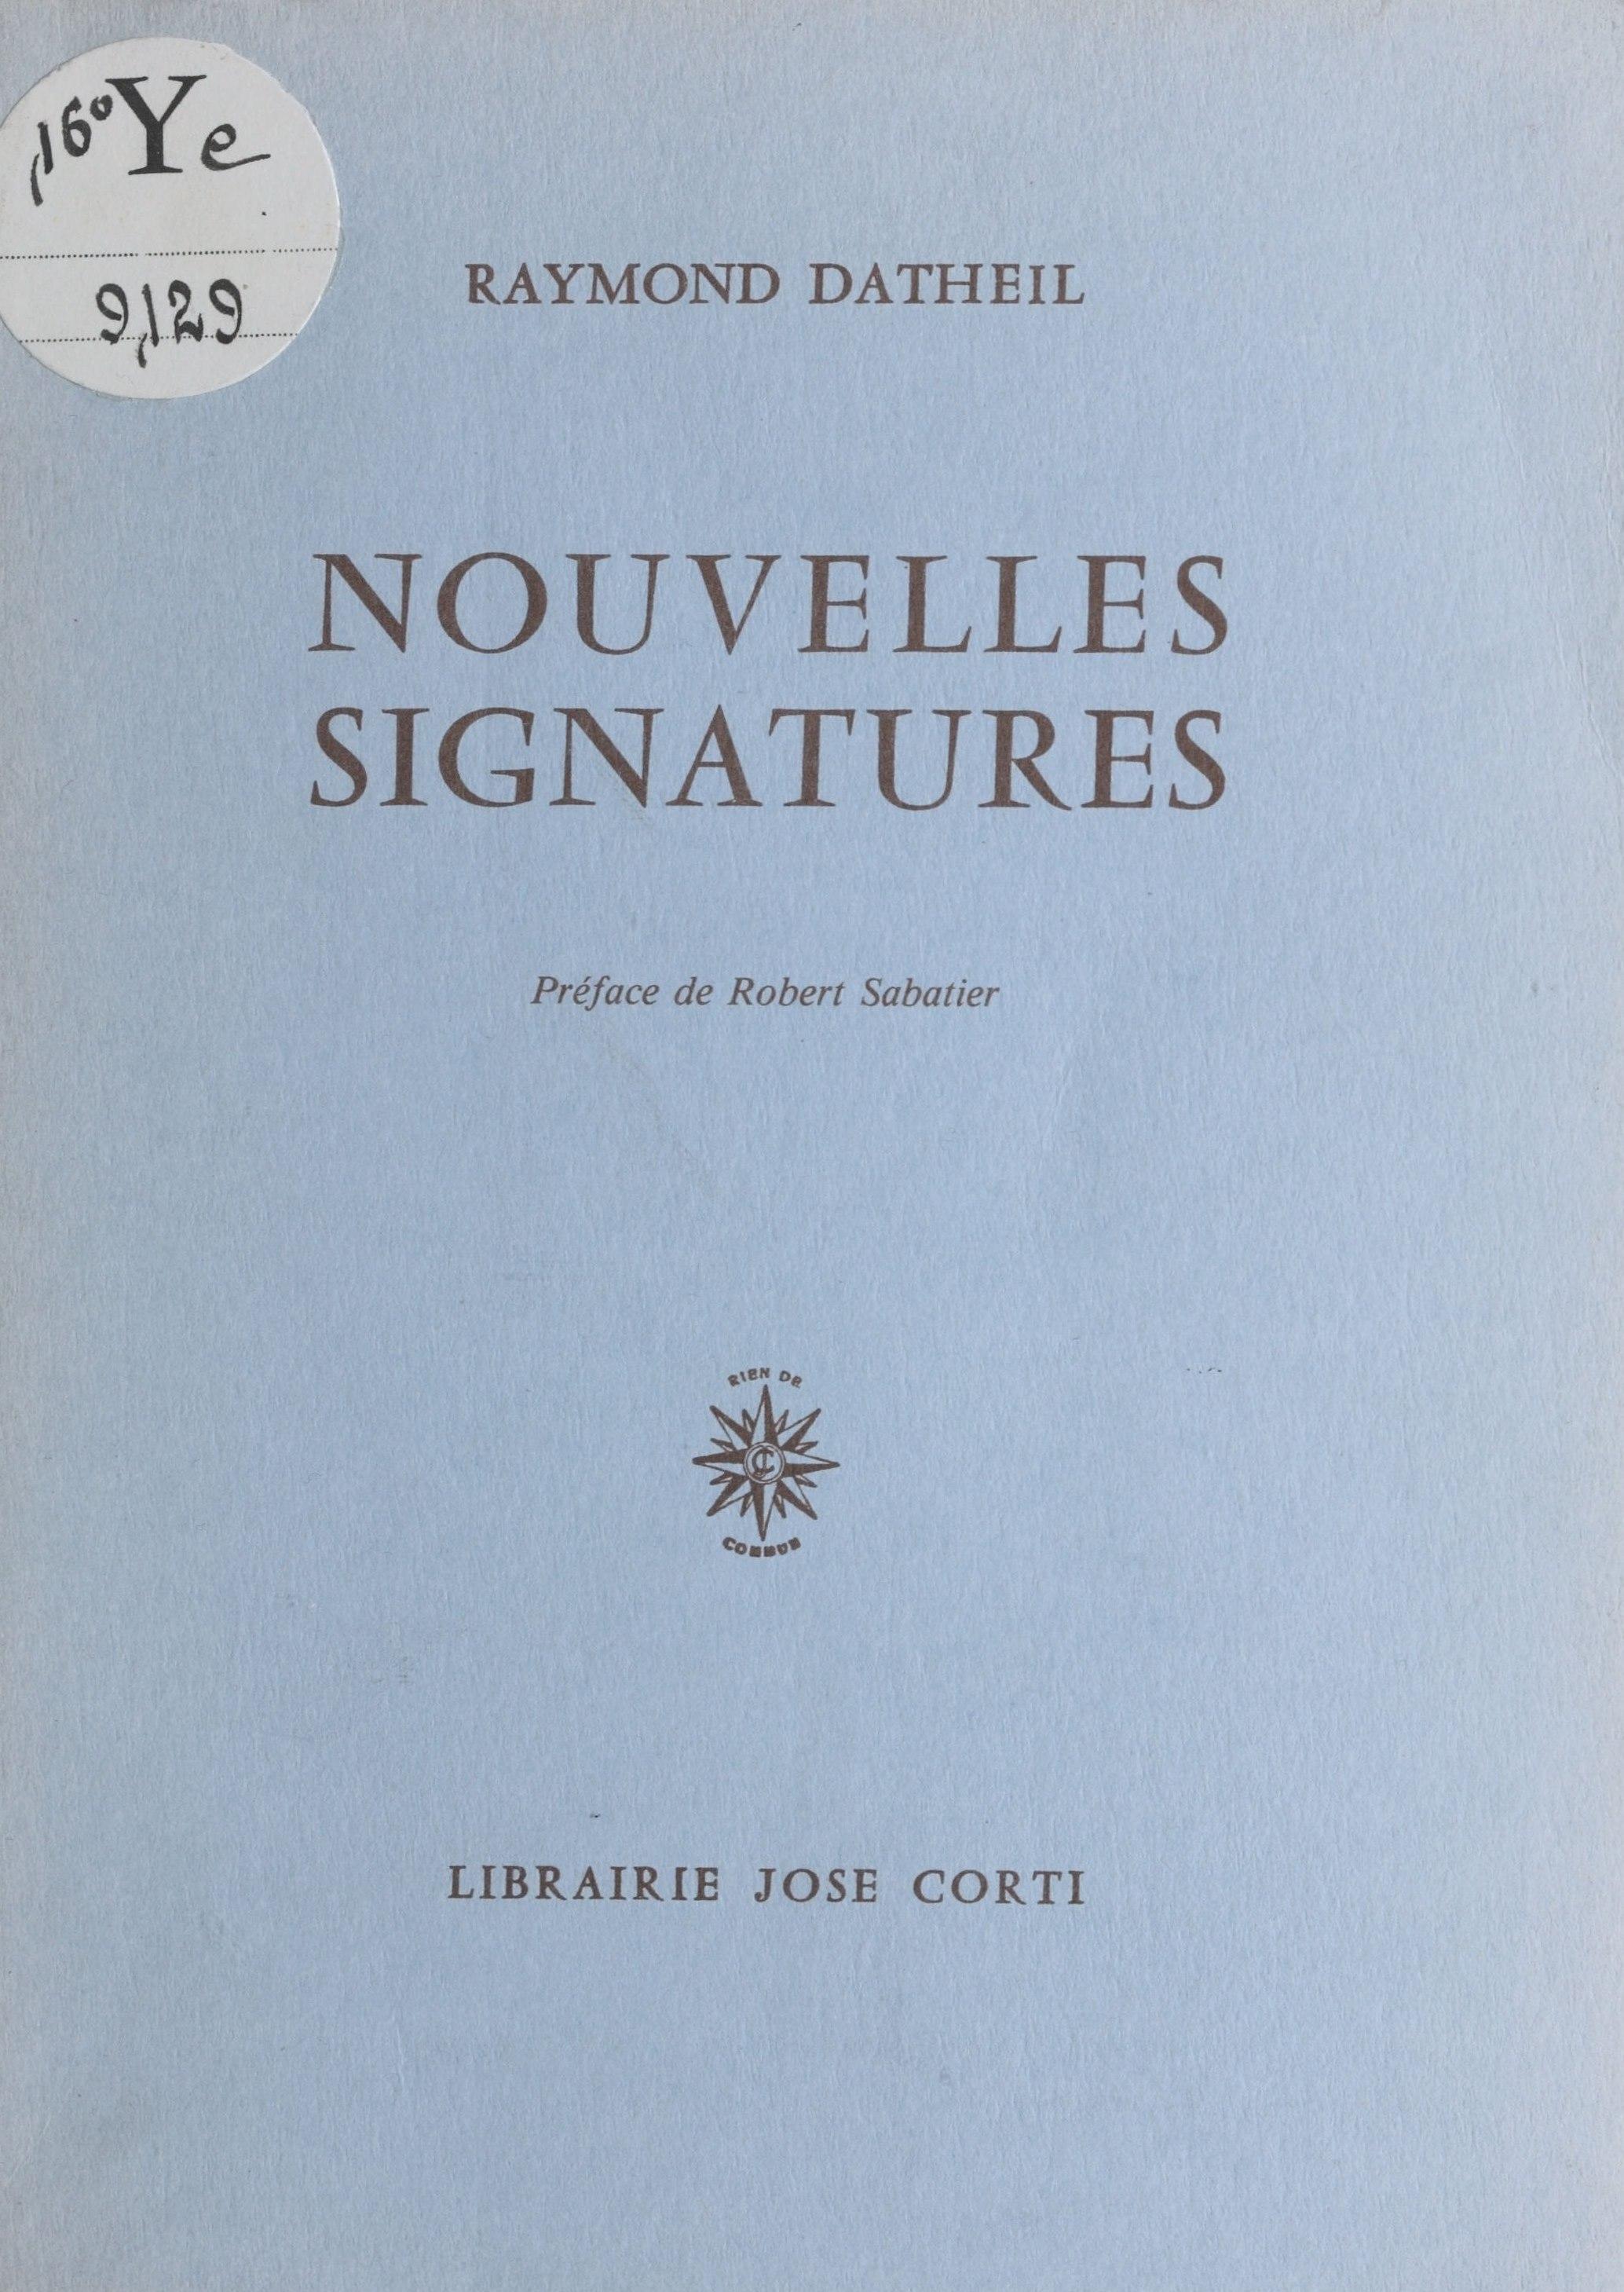 Nouvelles signatures